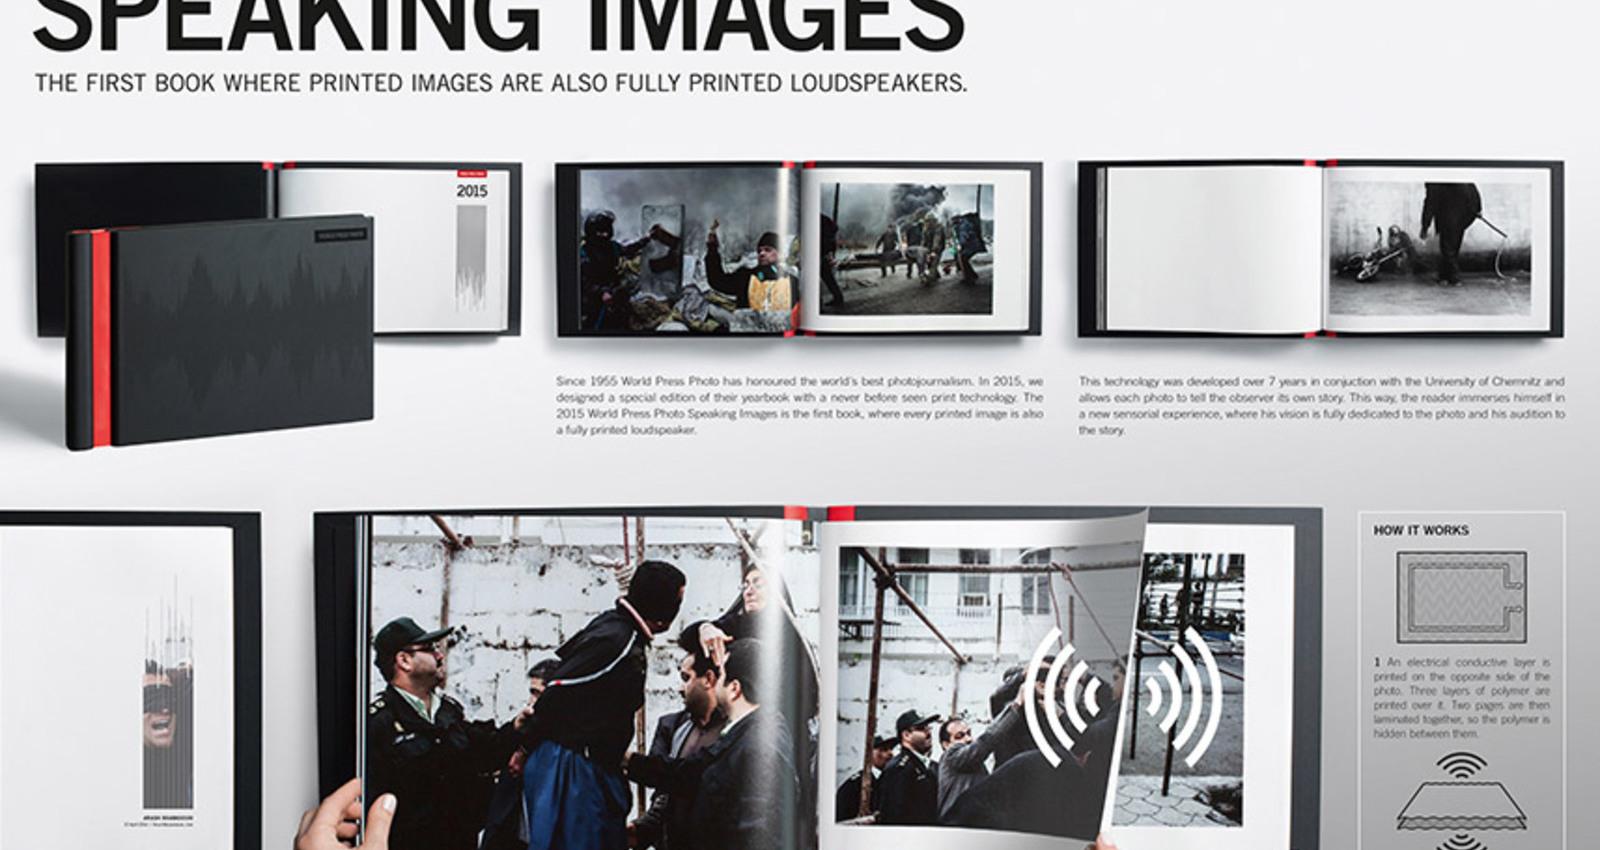 Speaking Images 2015